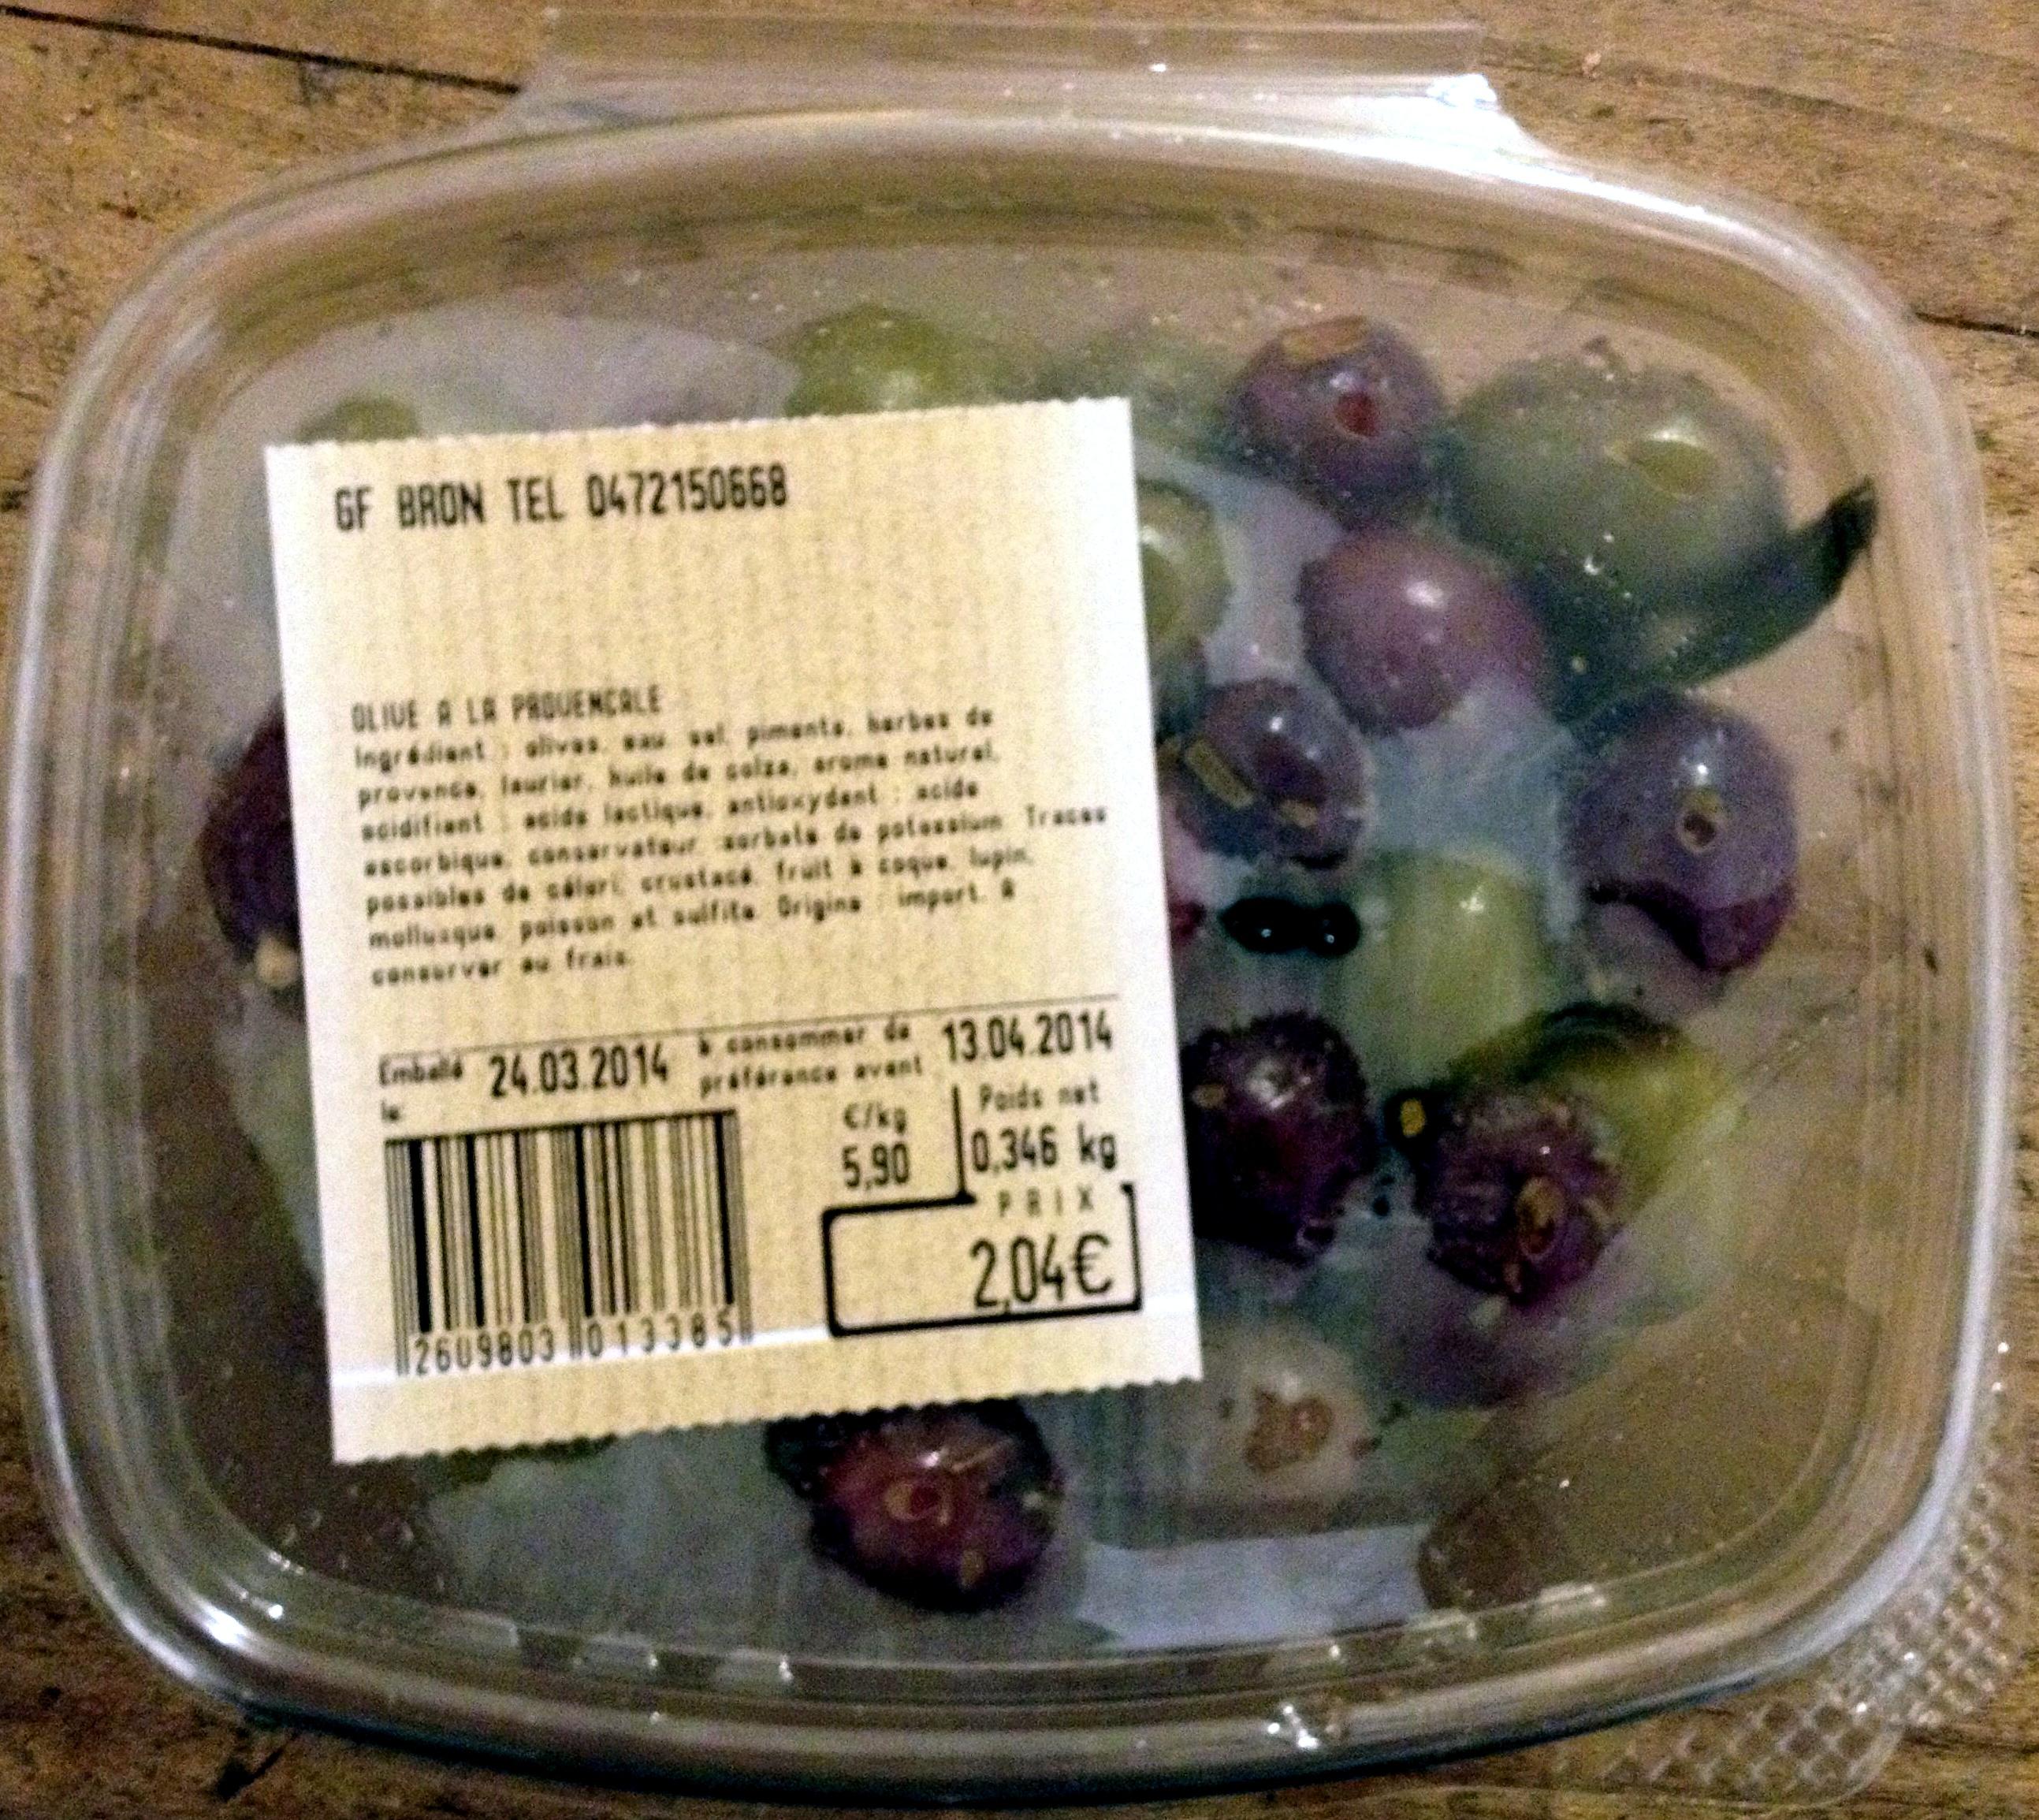 Olives cuisinées a la provencal - Product - fr